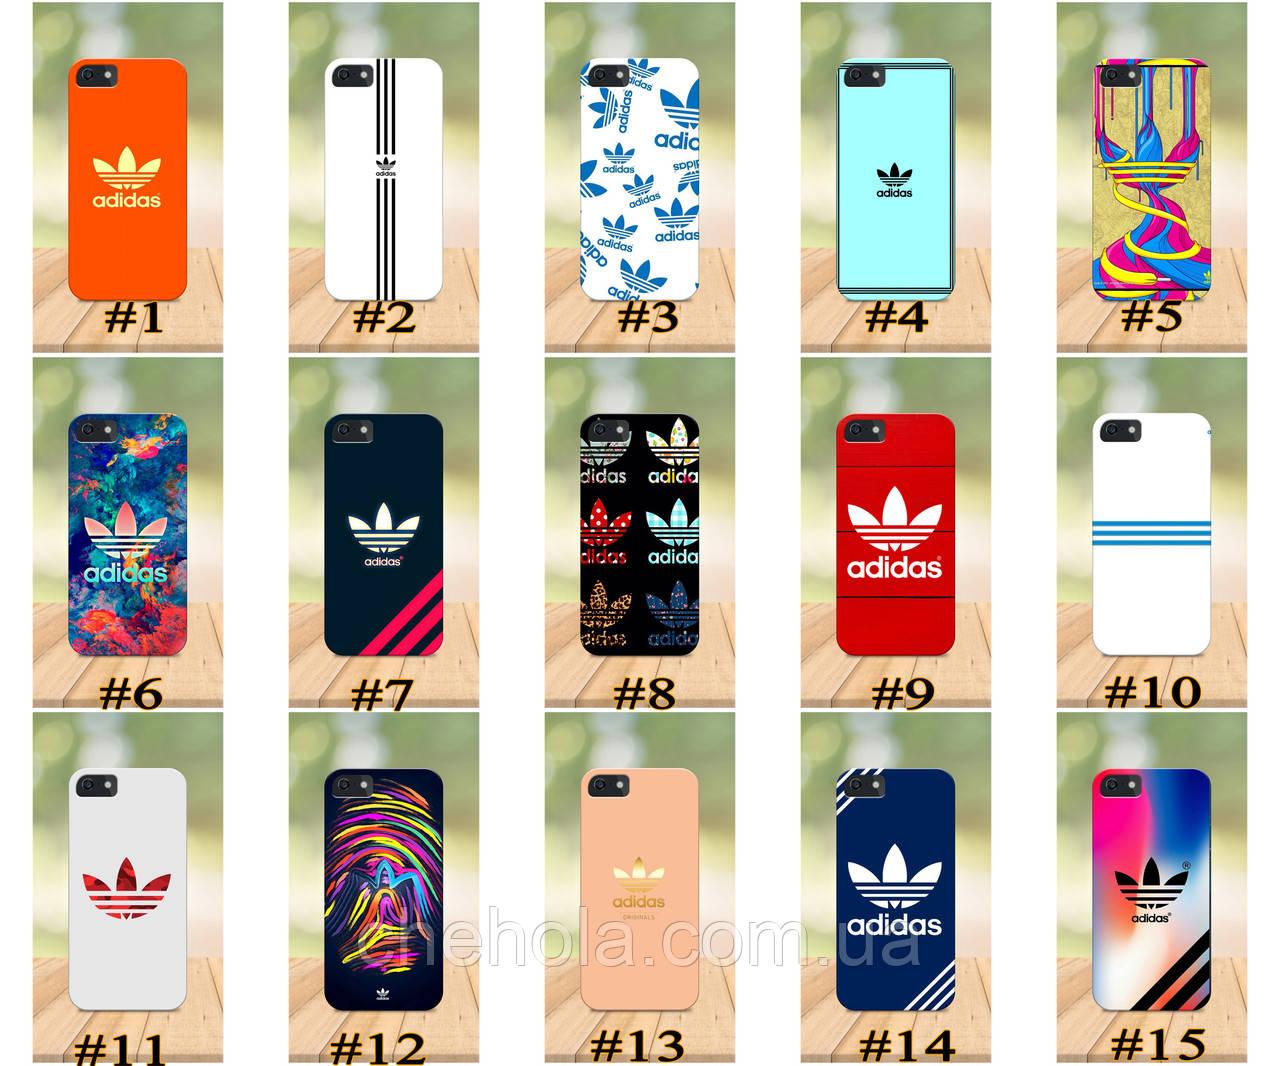 Чехол на iPhone 5 5s SE 4 4S бампер накладка с принтом в стиле Adidas Адидас